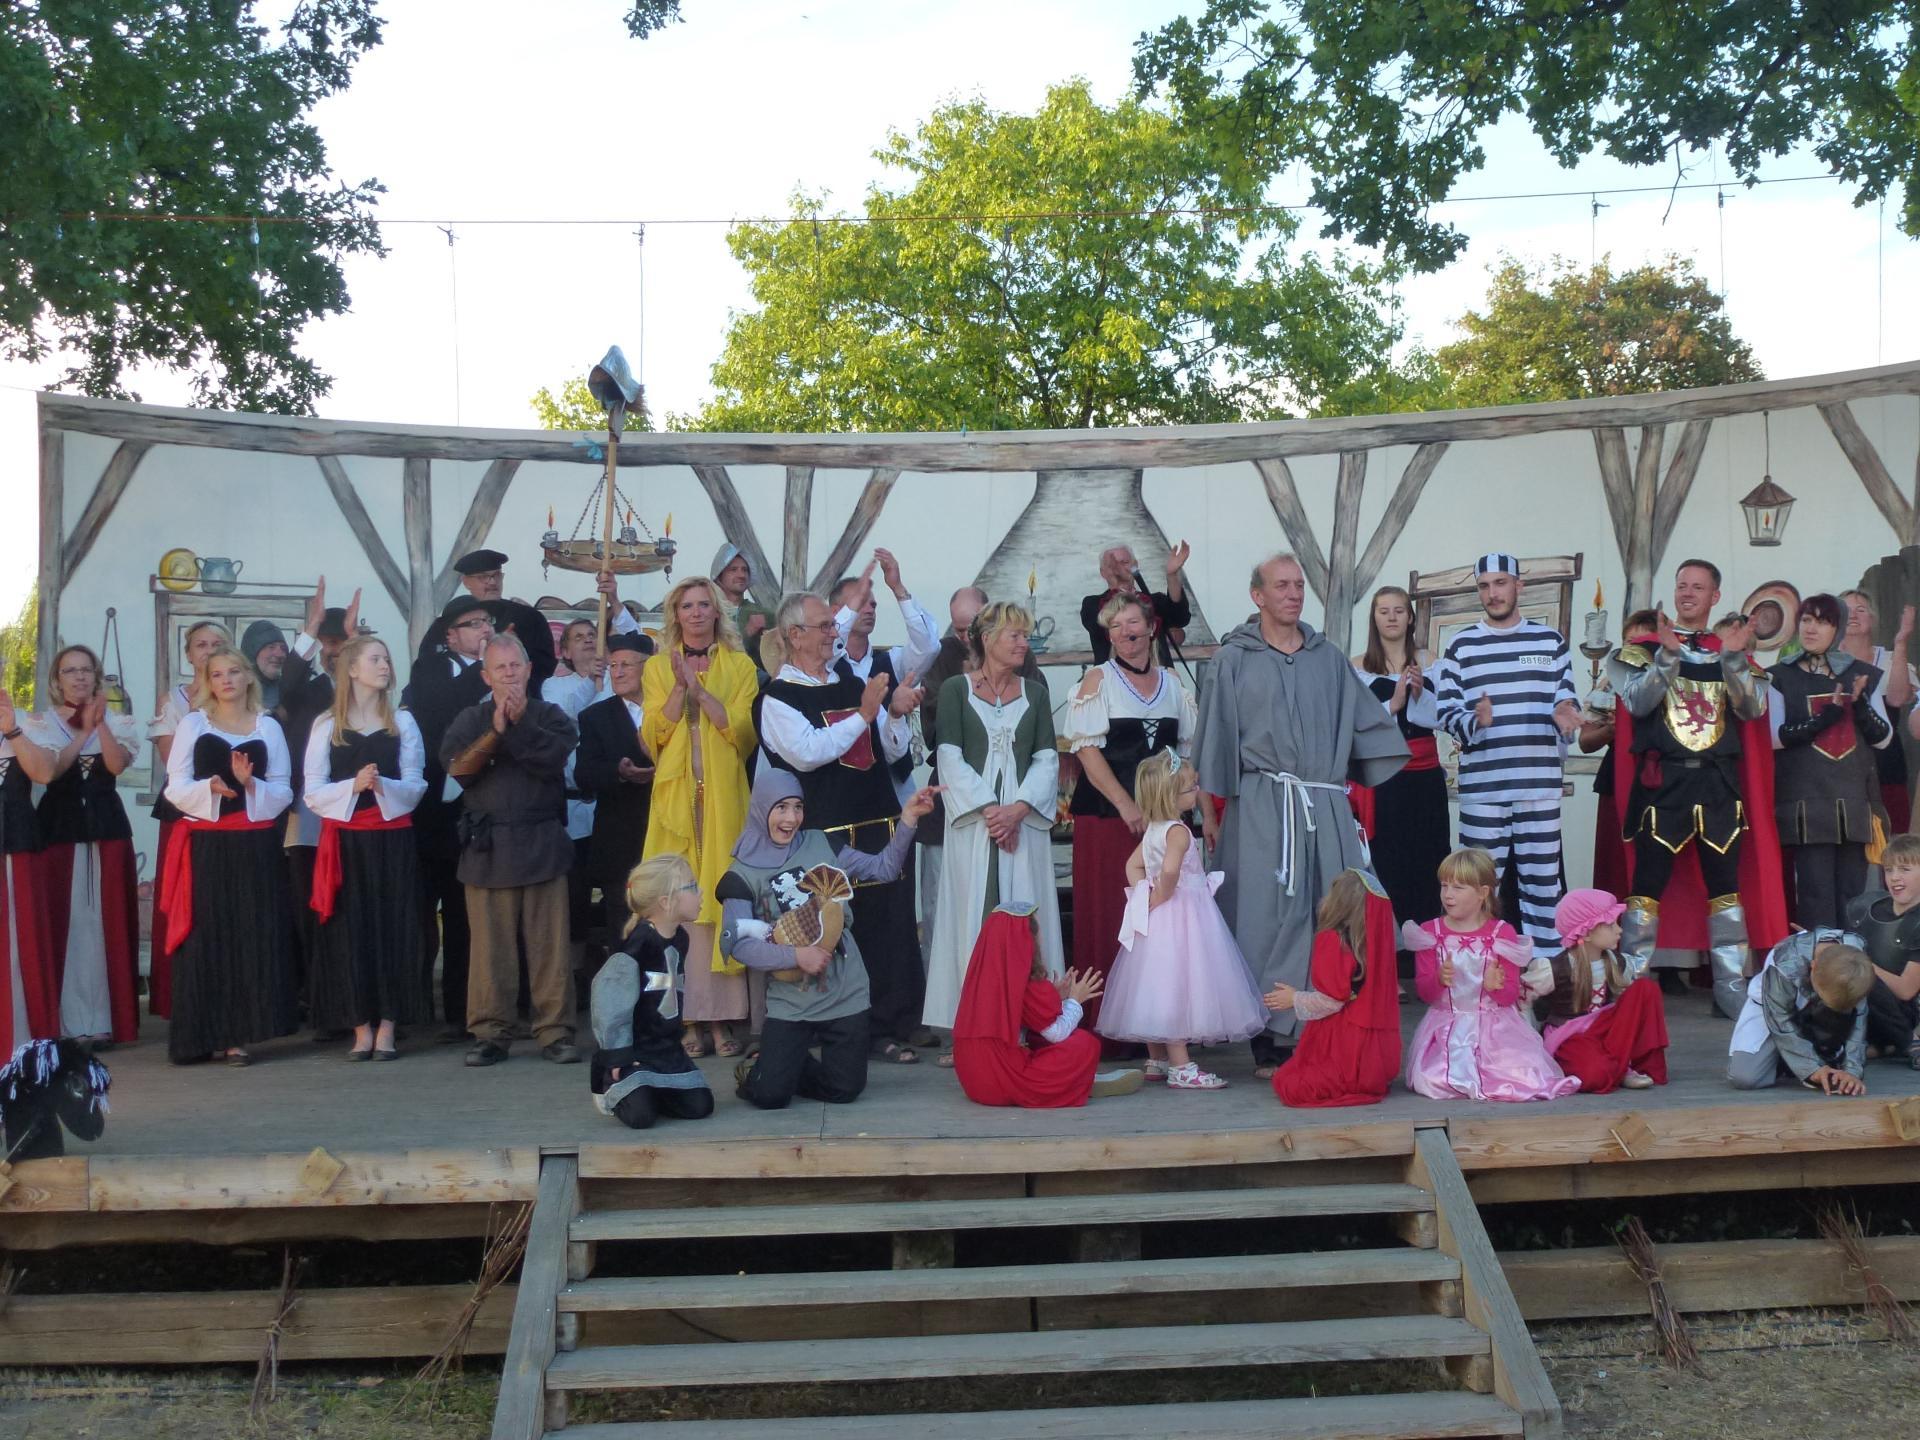 Garlitz 1416, ein Dorf rockt ins Mittelalter, 2016